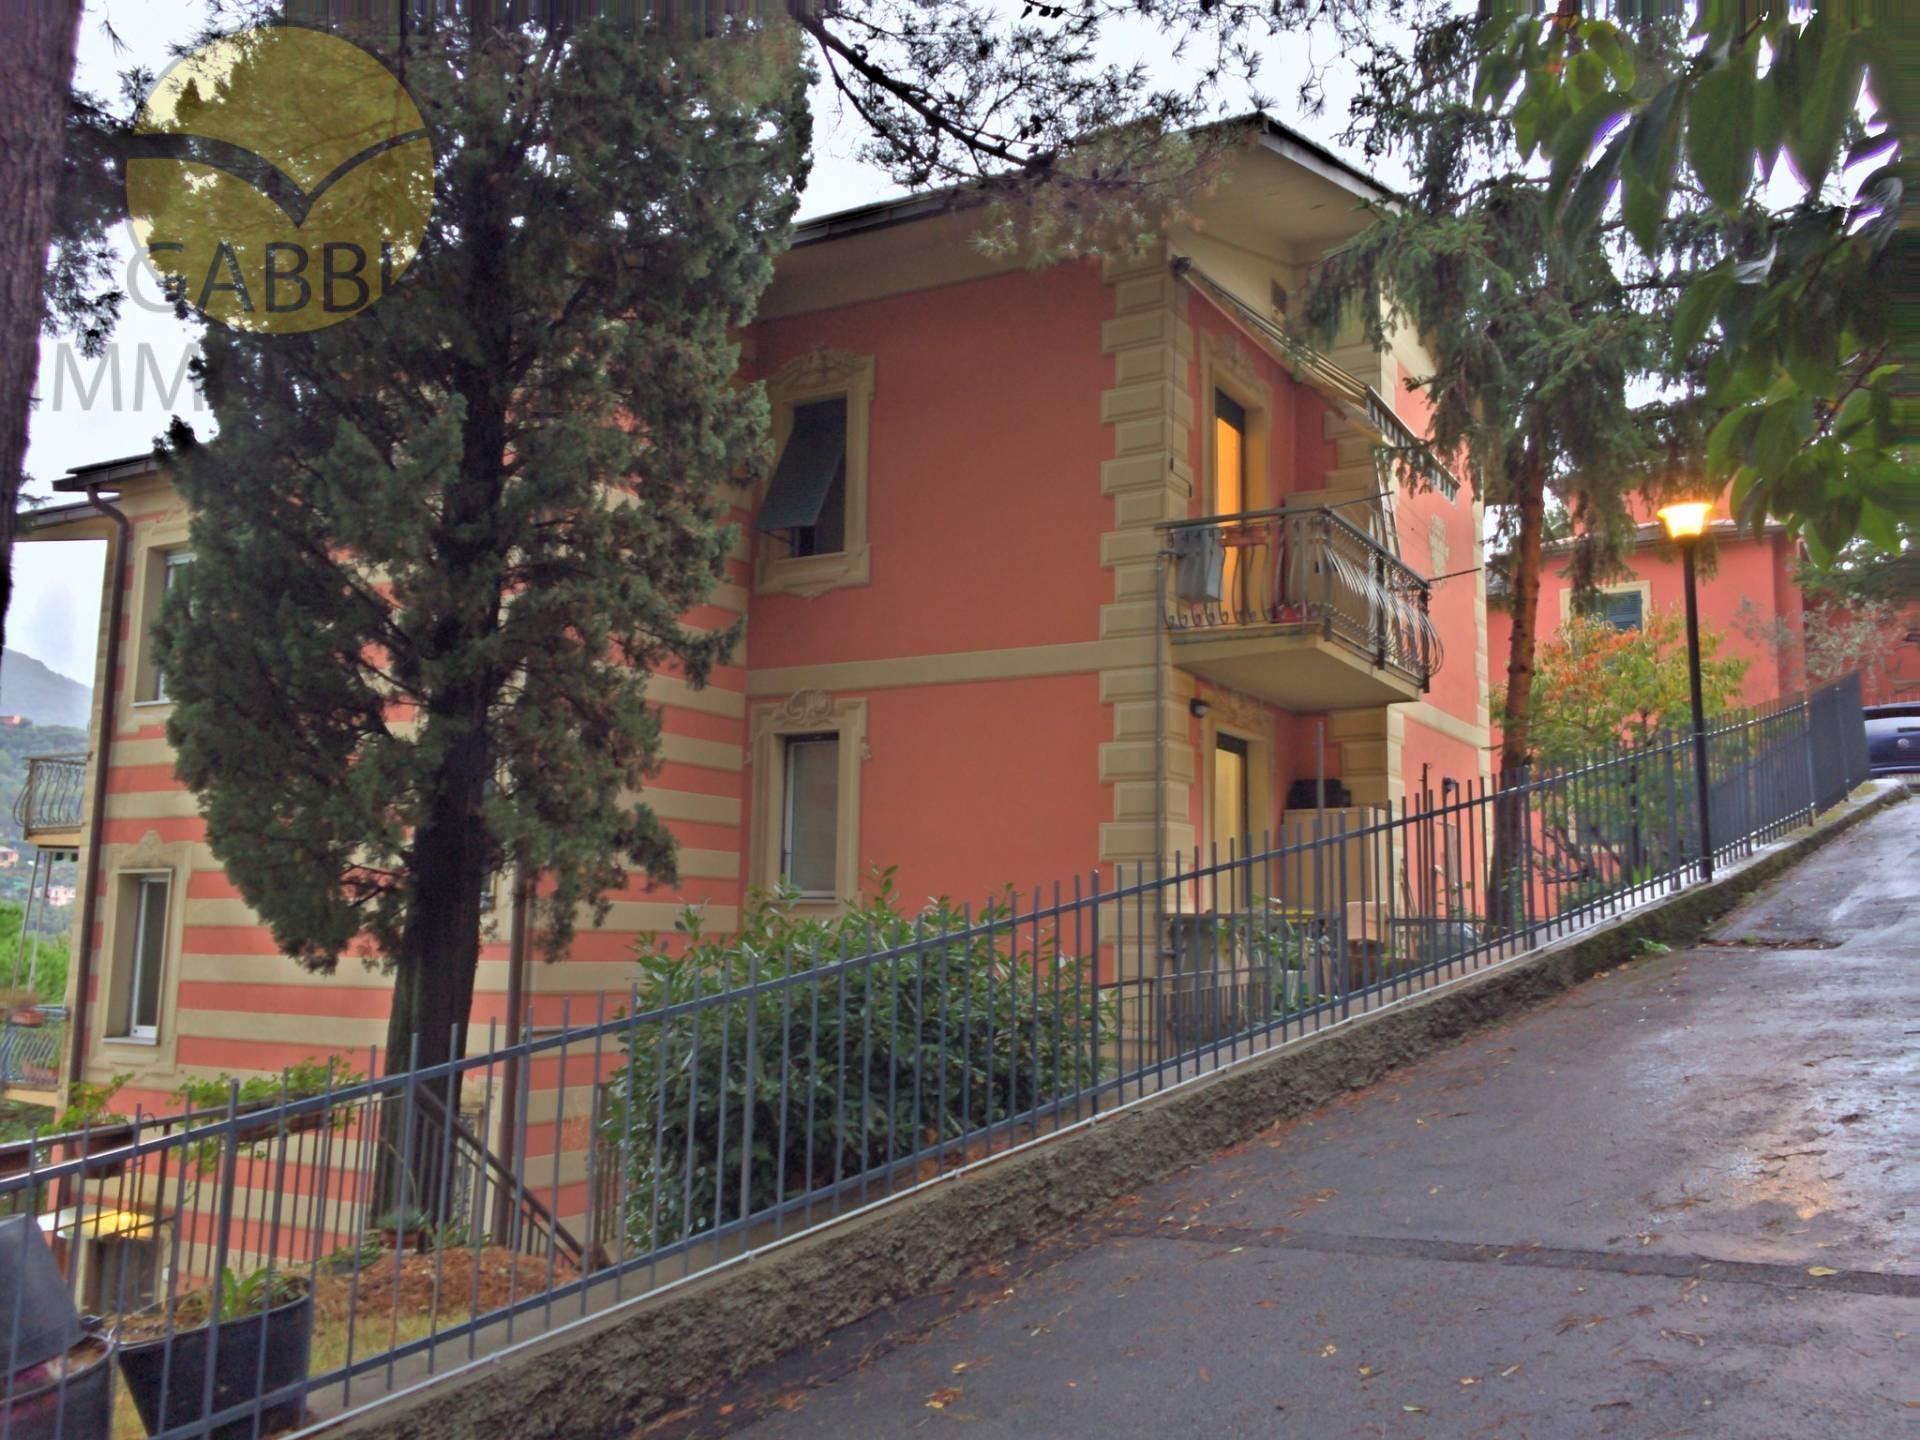 Appartamento in affitto a Recco, 4 locali, zona Zona: Megli, prezzo € 500 | Cambio Casa.it